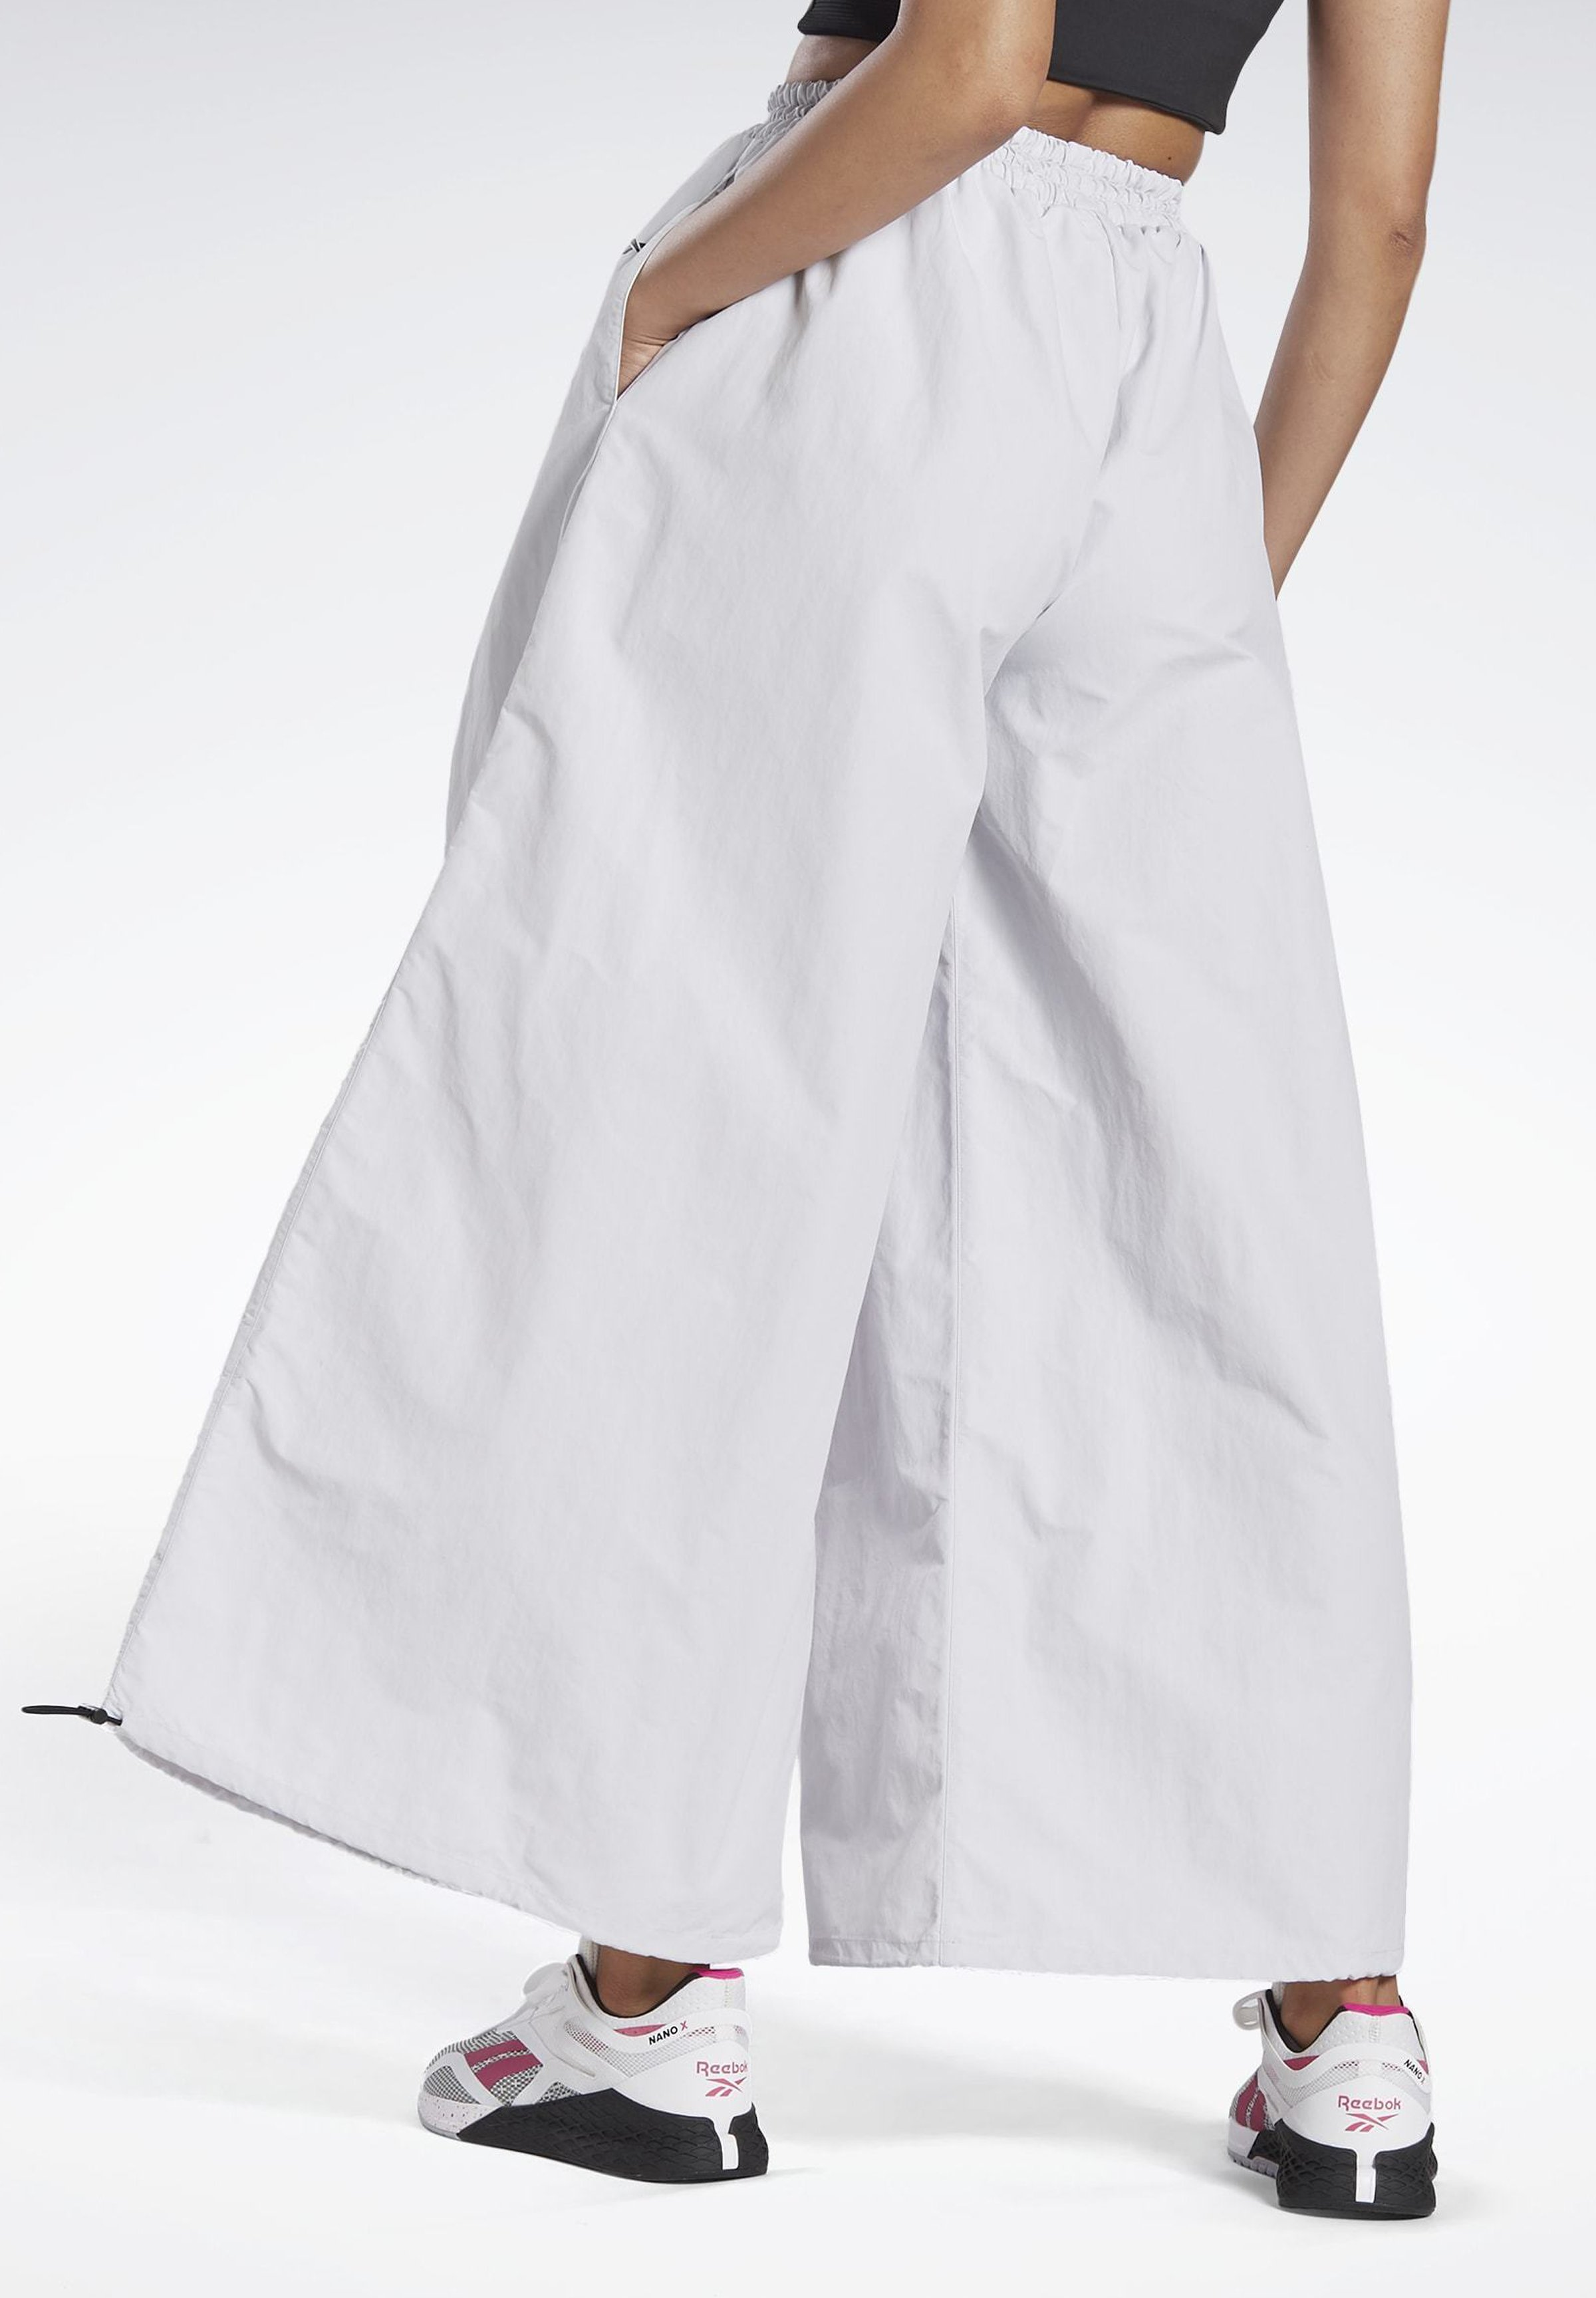 Ostaa Naisten Vaatteet Sarja ddj54584sfGHYHD Reebok WIDE LEG WOVEN TRACKSUIT BOTTOMS Verryttelyhousut white